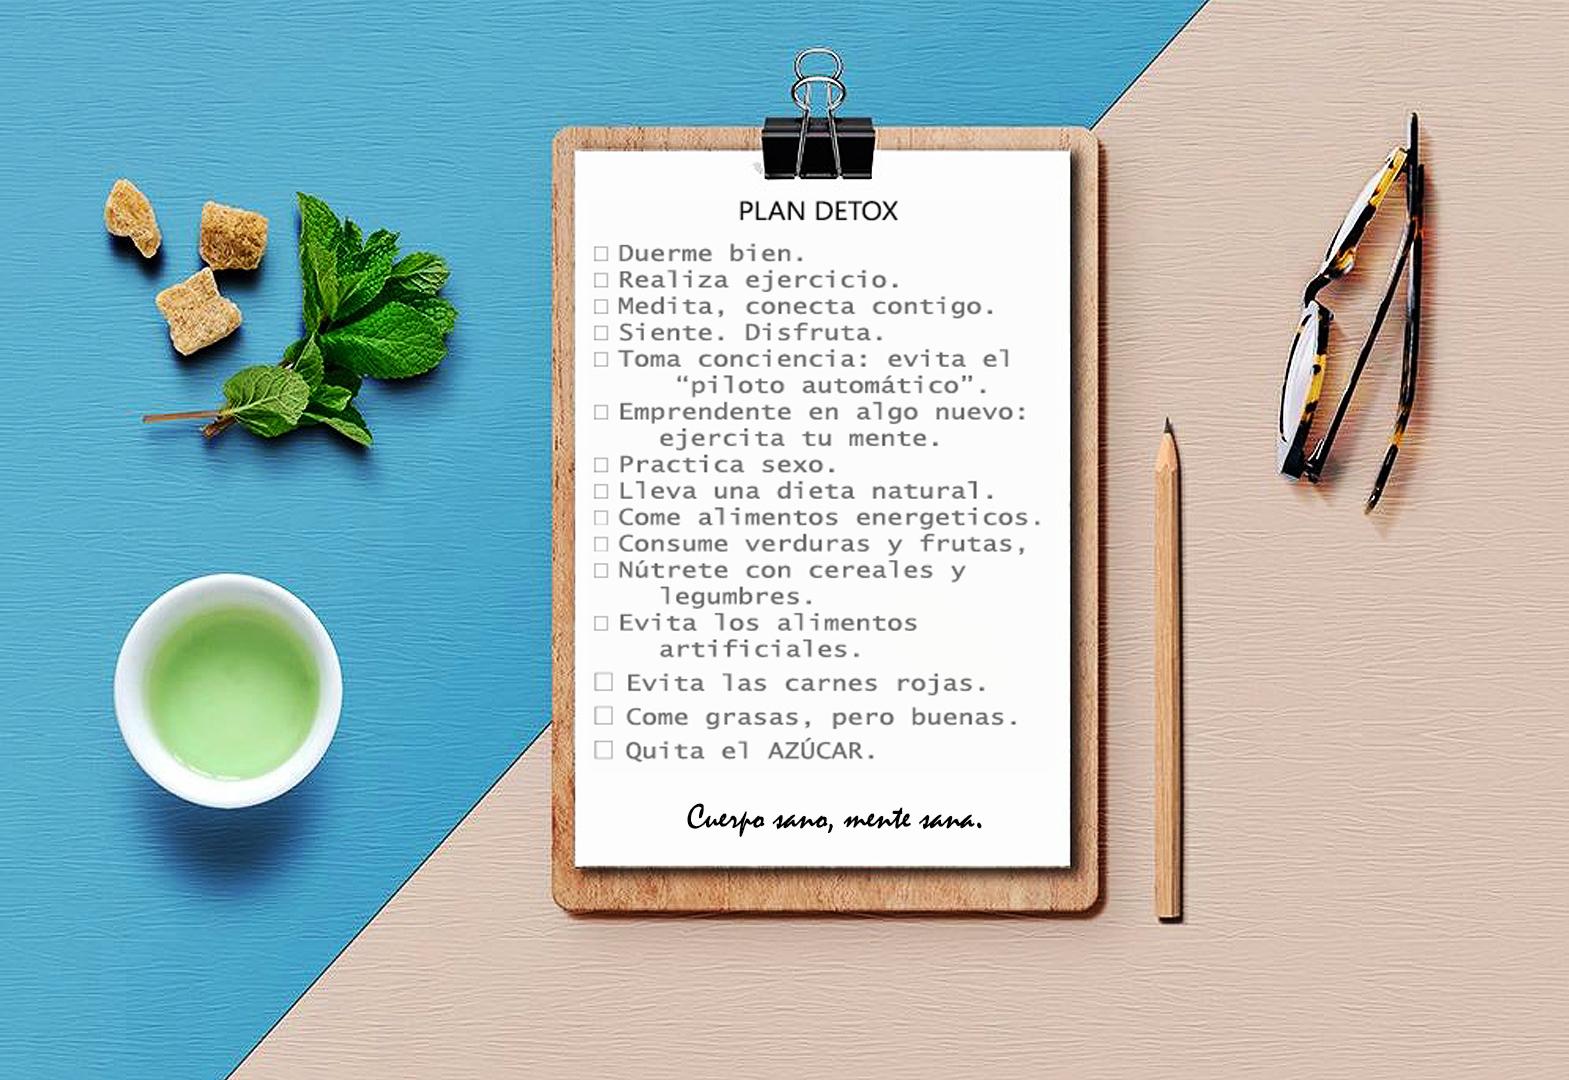 plan detox cuerpo y mente